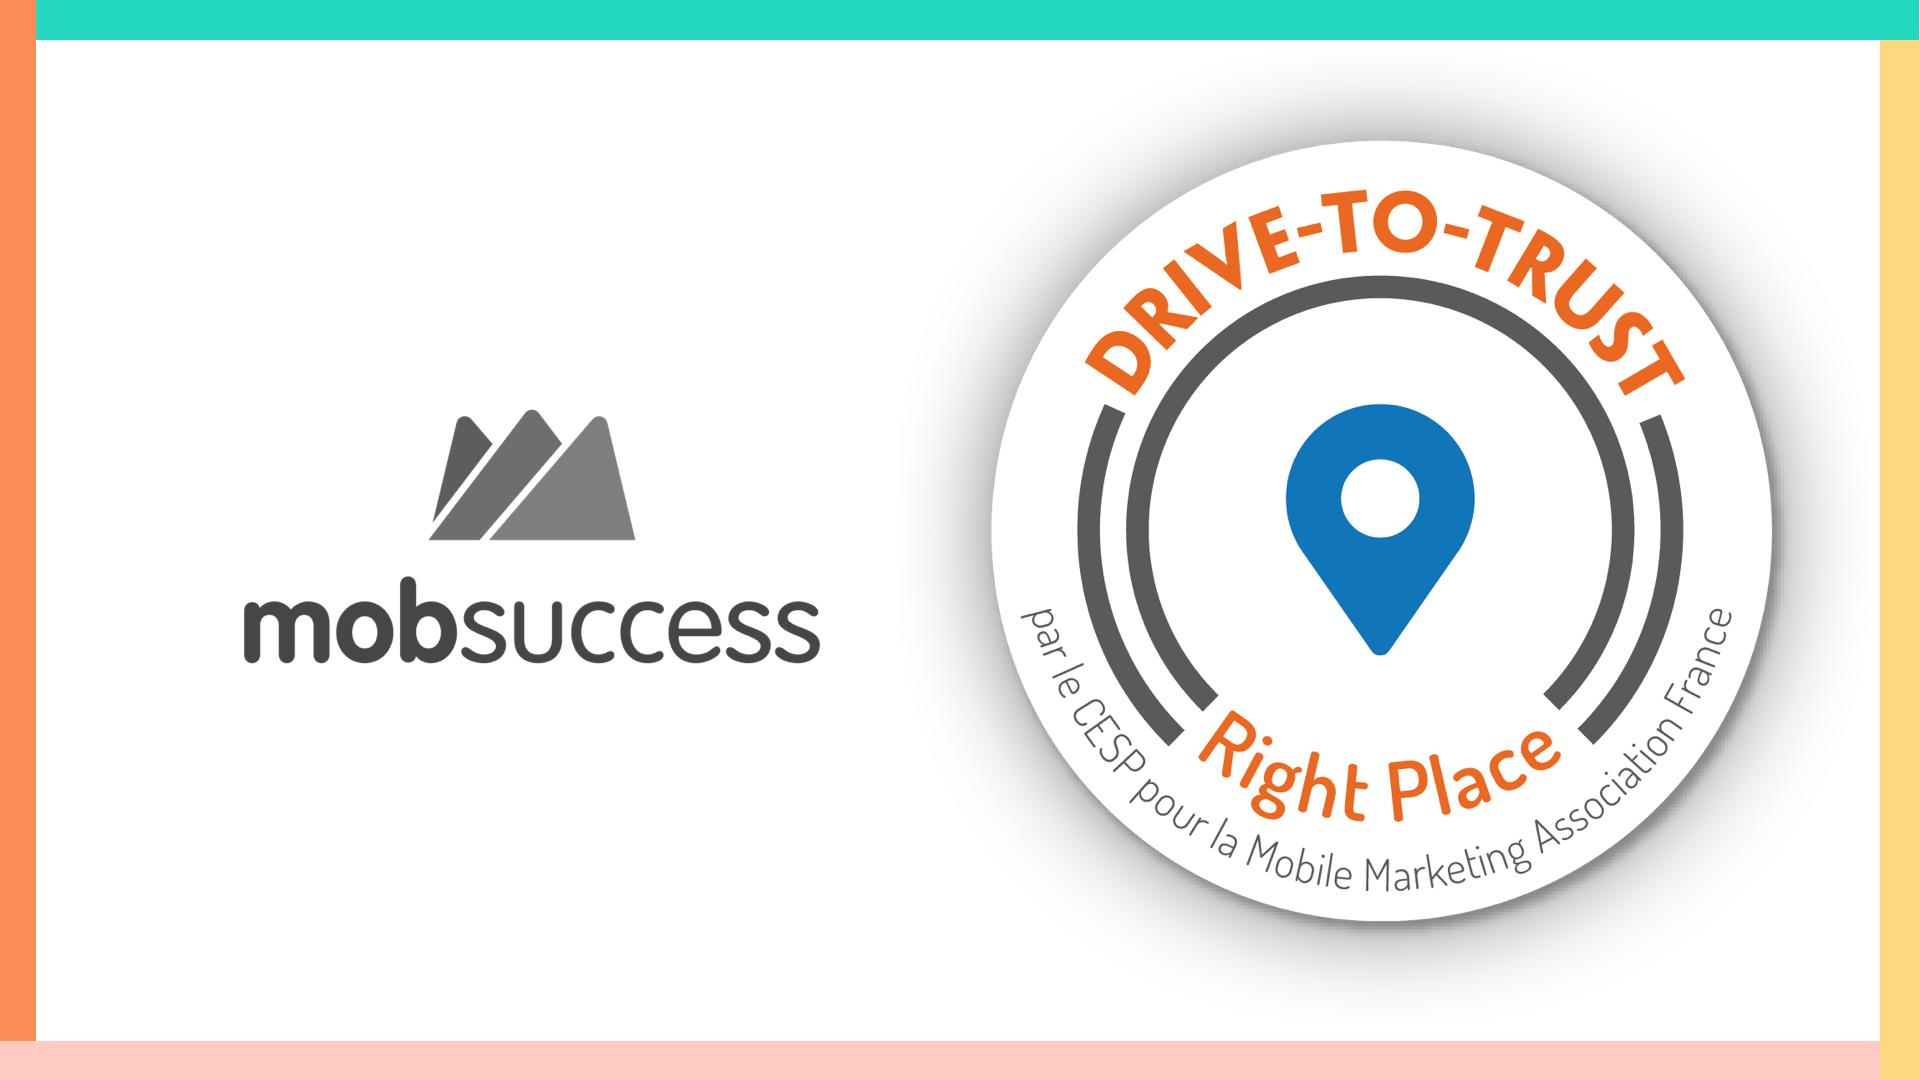 Mobsuccess officiellement certifié pour le drive-to-store par le CESP et la Mobile Marketing Association France